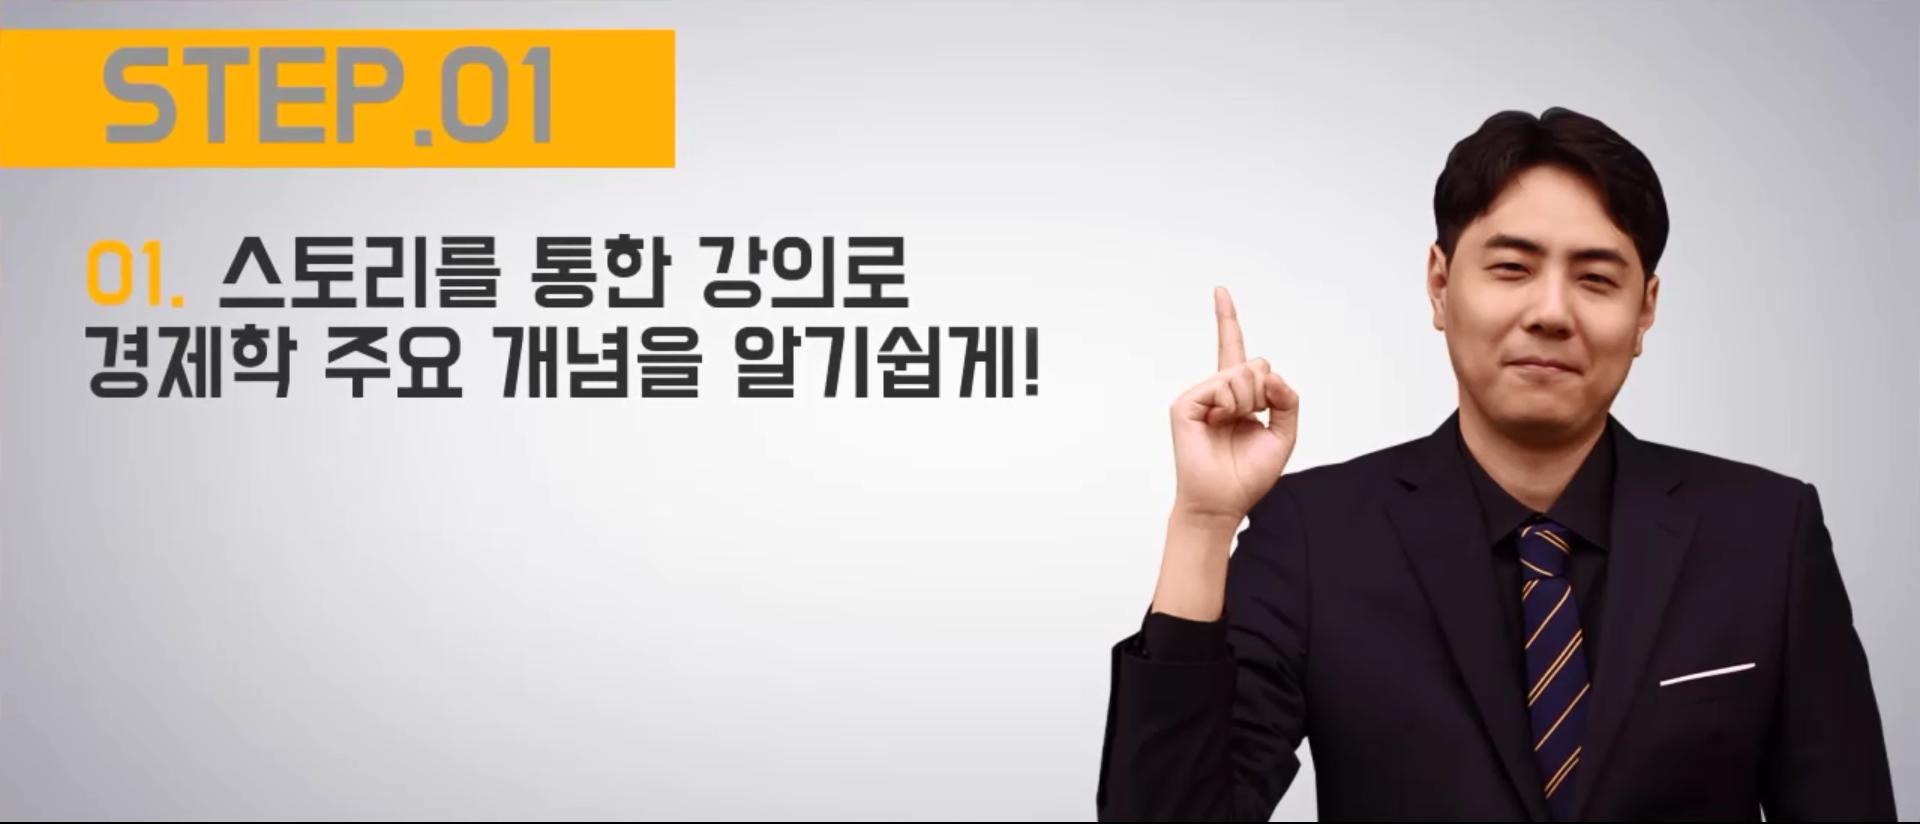 김동빈 | 경제학, 더이상 어려운 과목이 아닙니다!